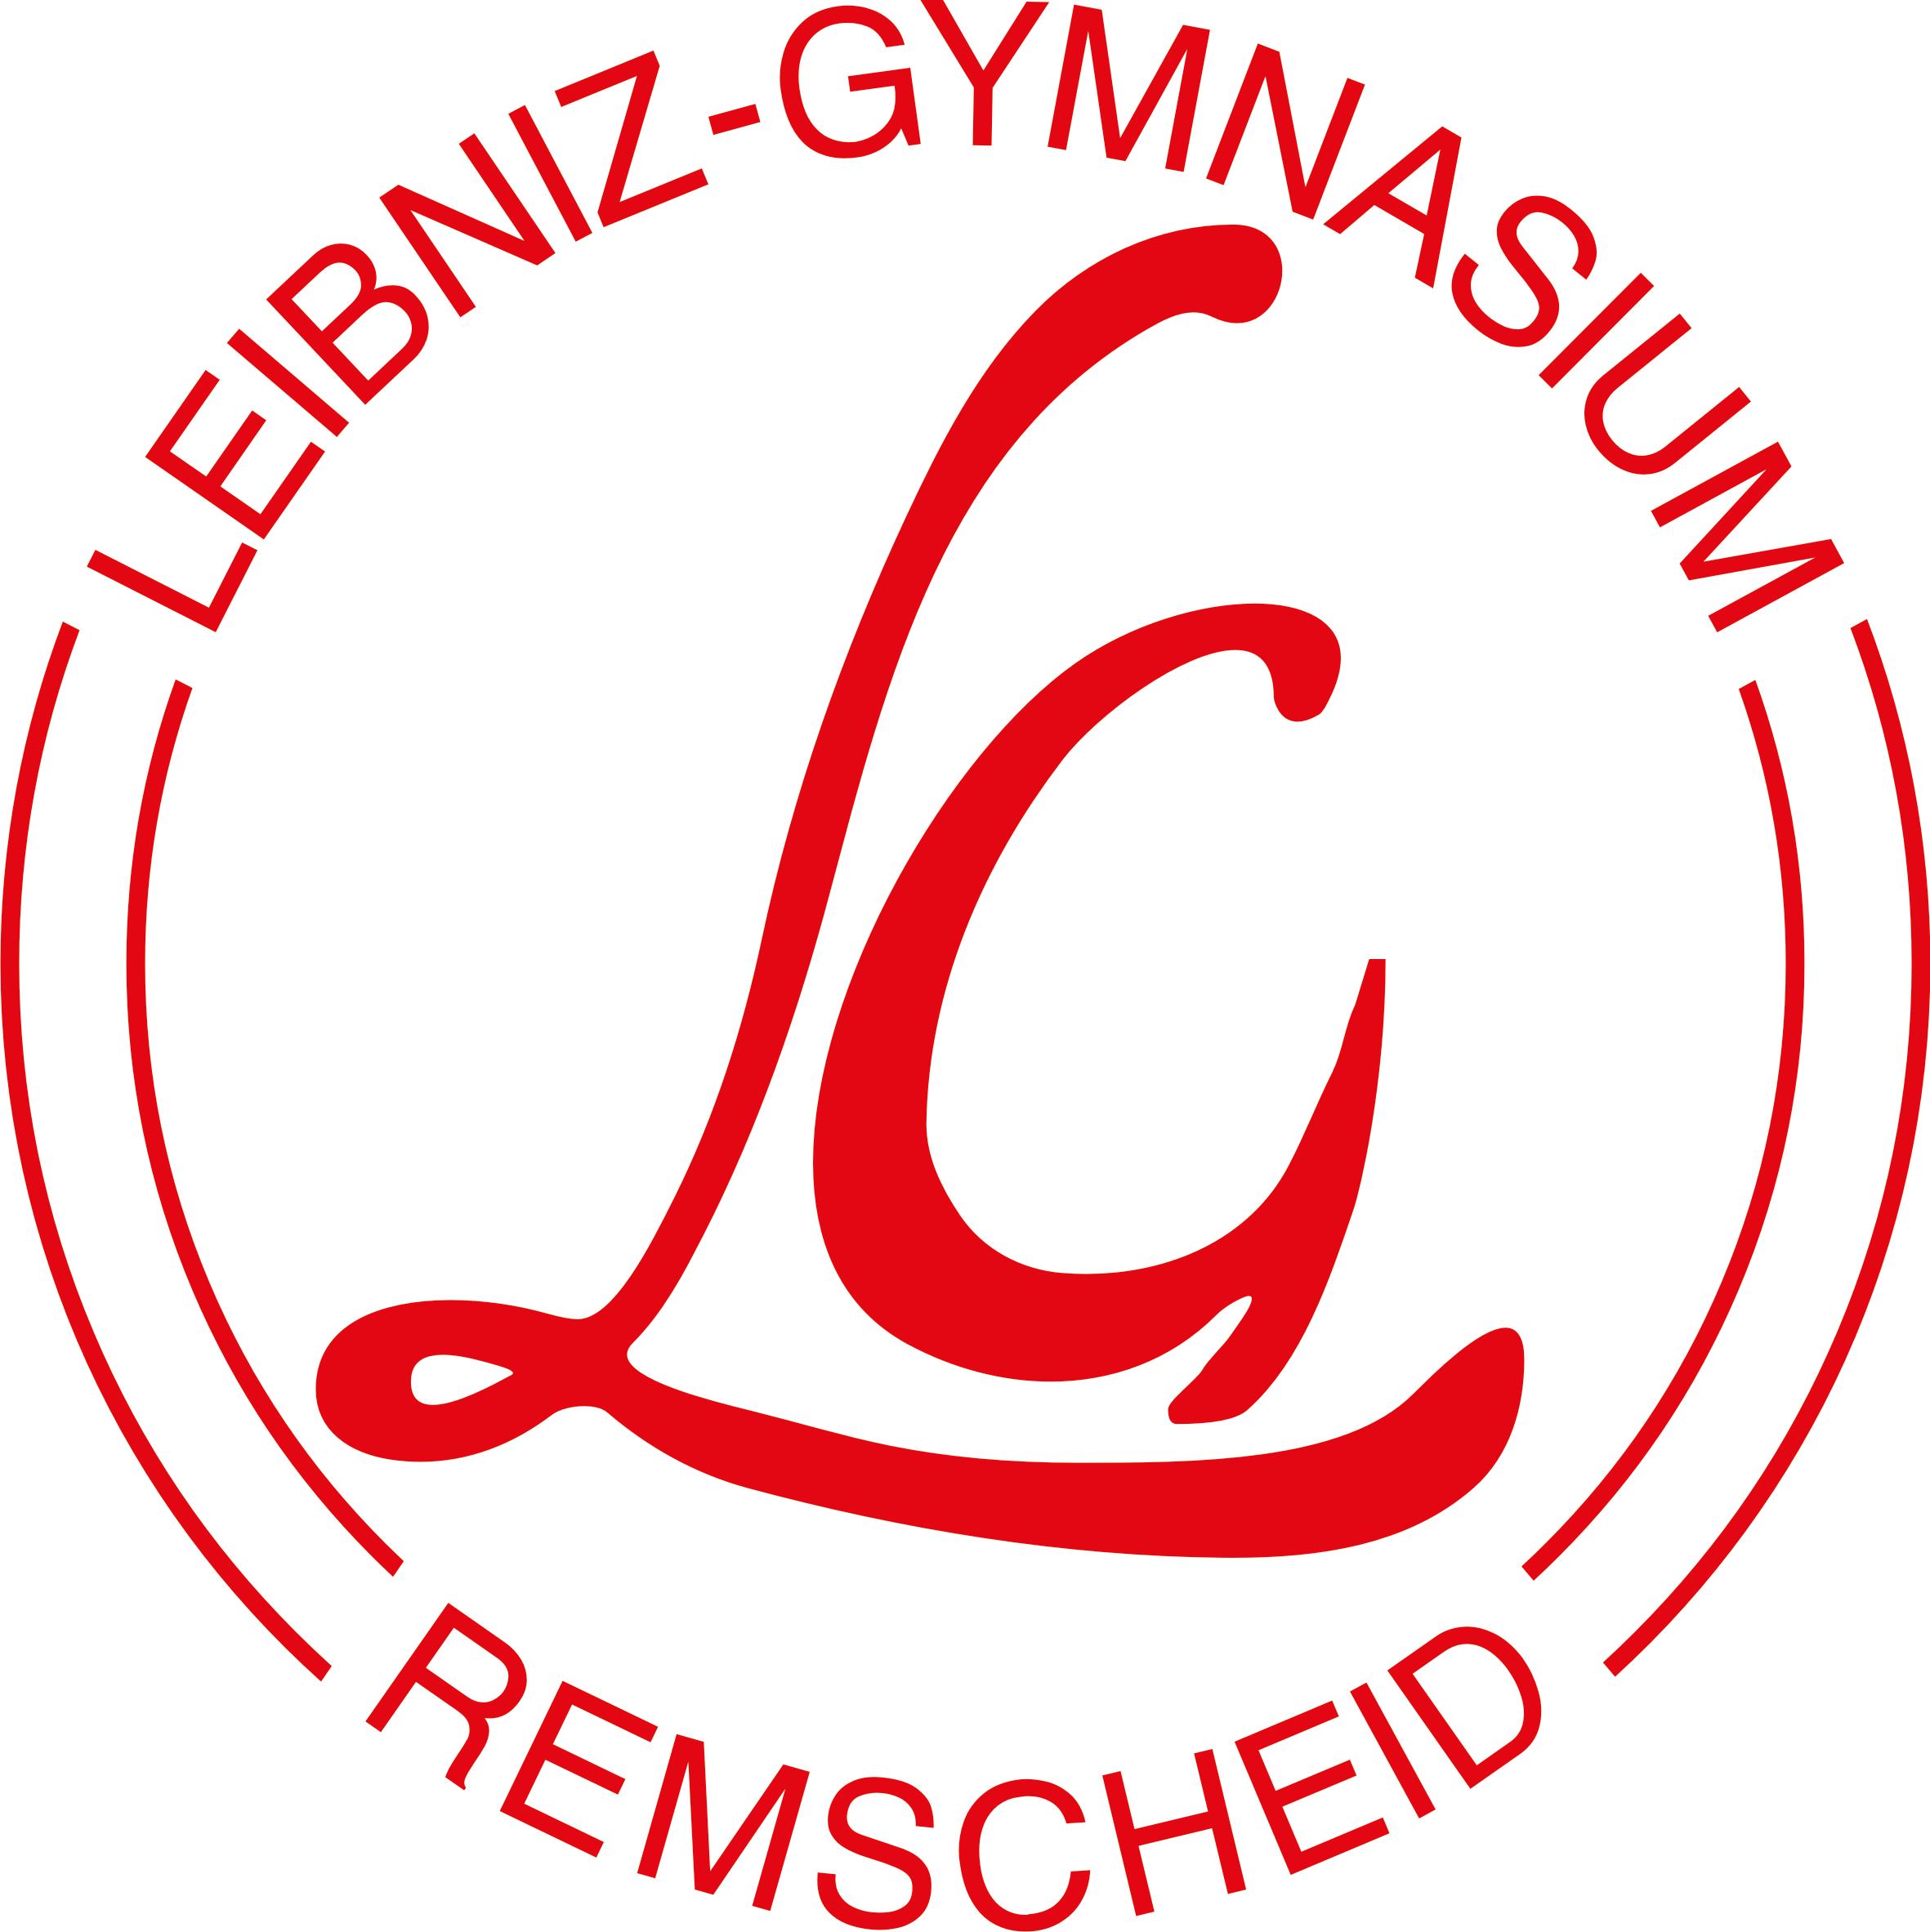 Leibniz-Gymnasium Remscheid